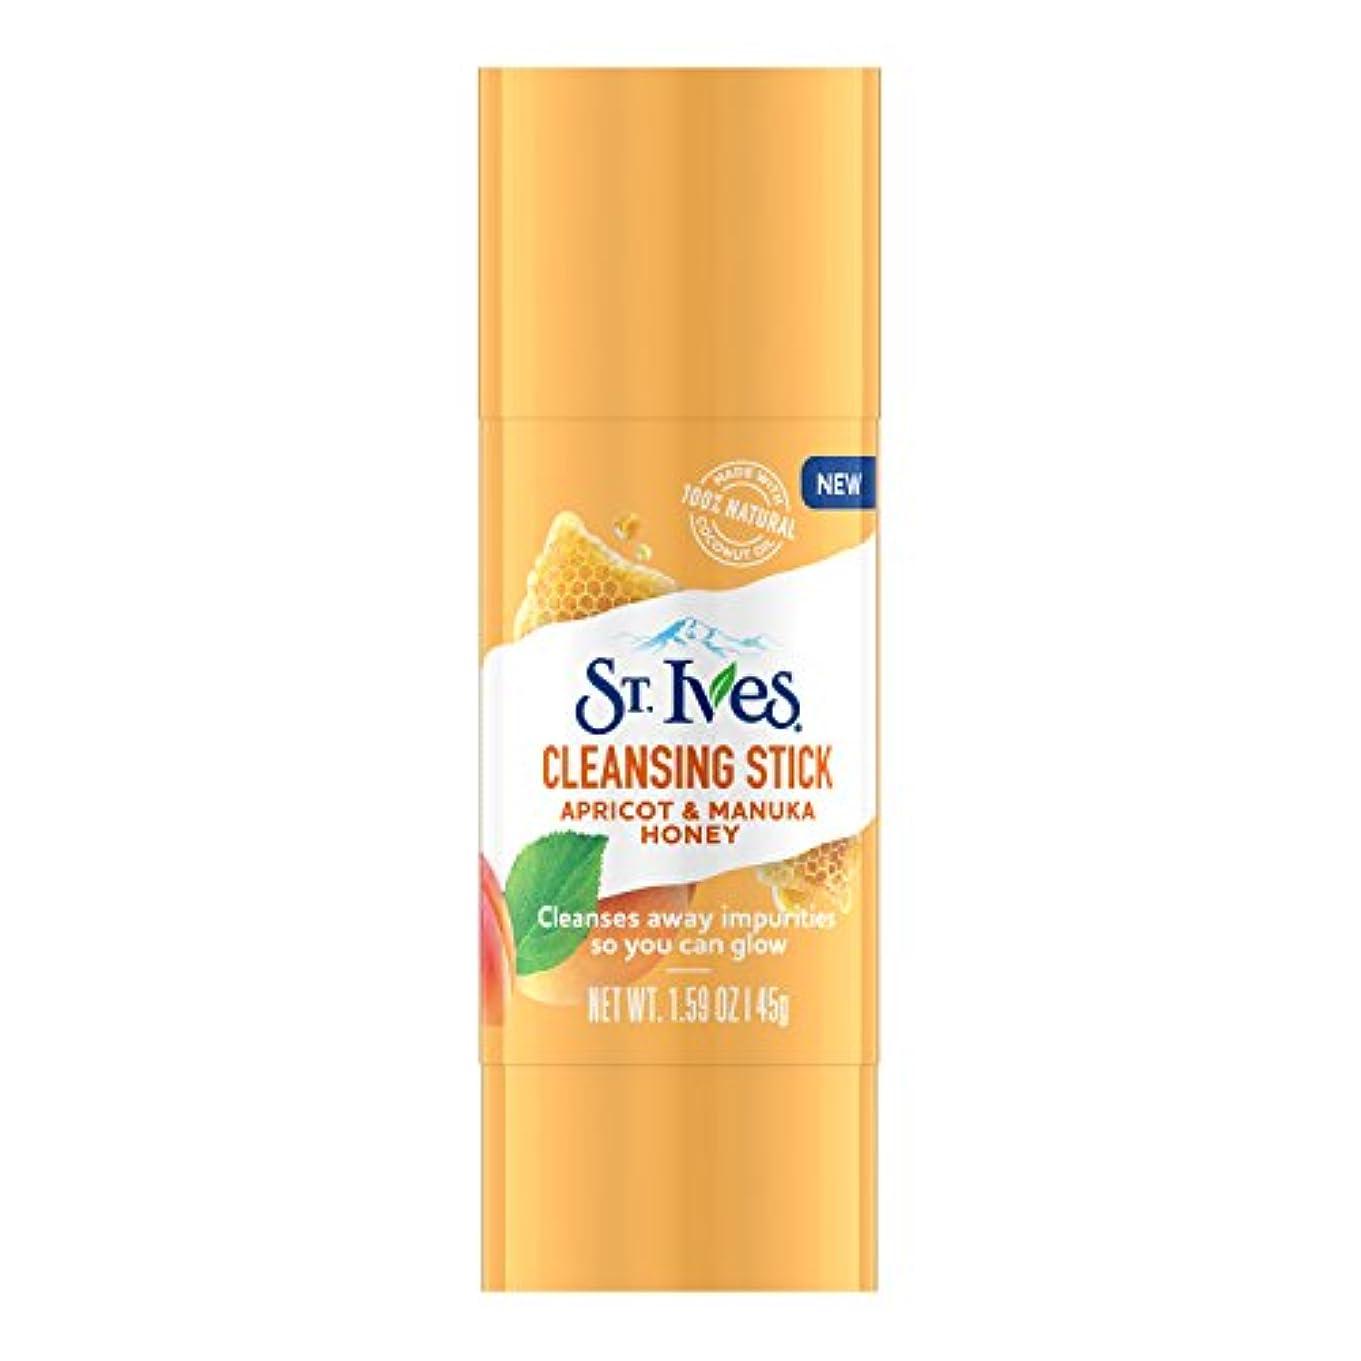 過敏な鰐有利St. Ives クレンジングスティック 最新コリアンビューティートレンド 100%ナチュラルココナッツオイルを使った楽しい新しい形の洗顔 45グラム (アプリコット&マヌカハニー)